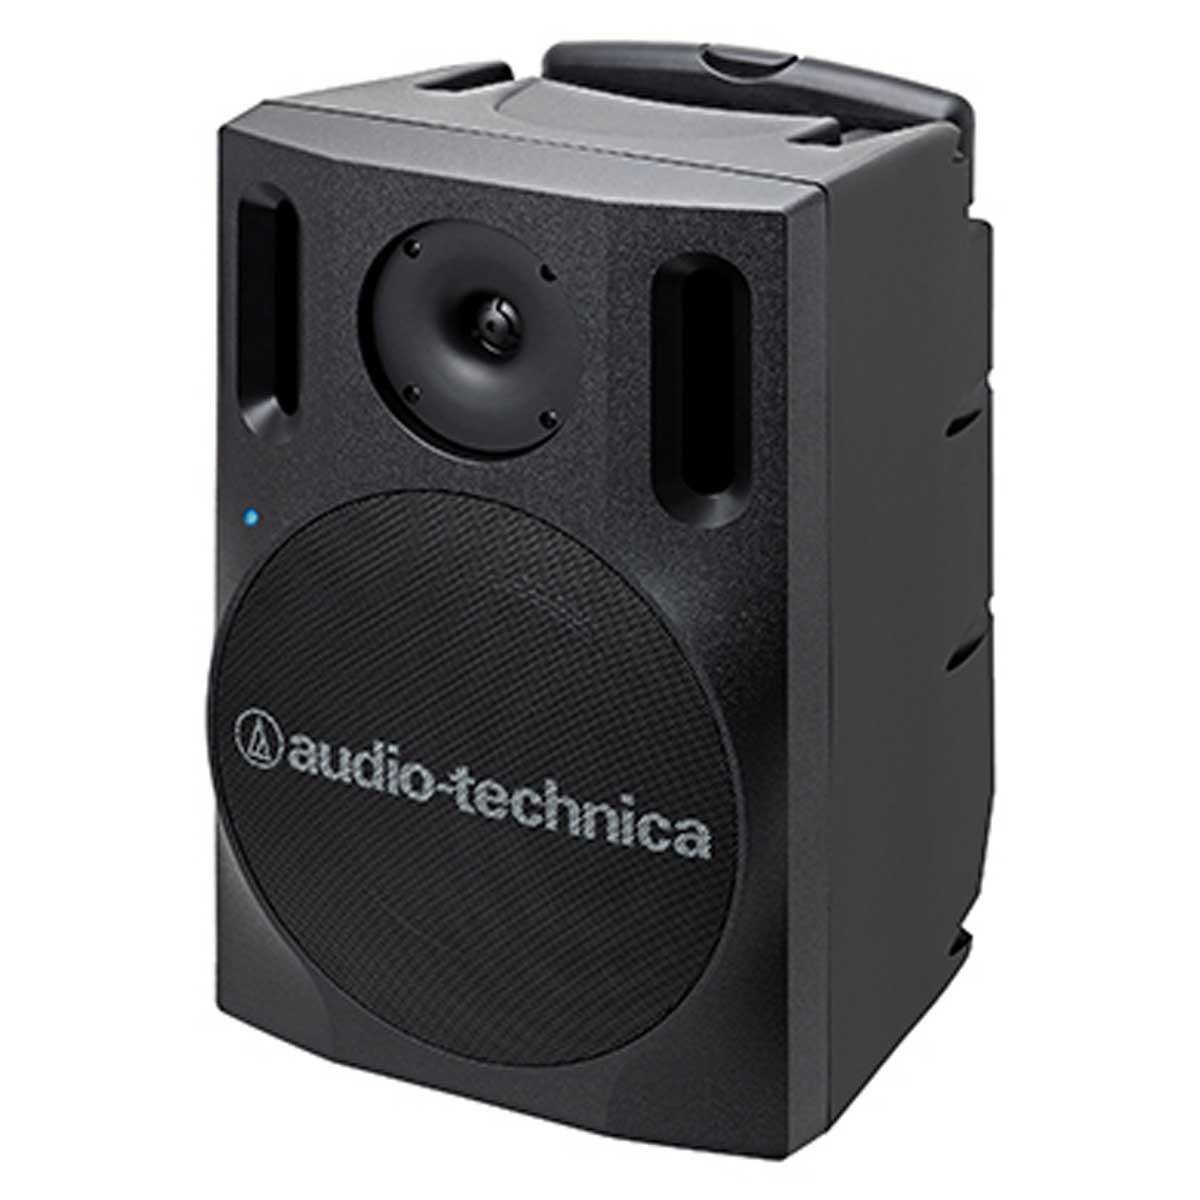 audio-technica オーディオテクニカ / ATW-SP1920 デジタルワイヤレスアンプシステム (マイク別売)【お取り寄せ商品】